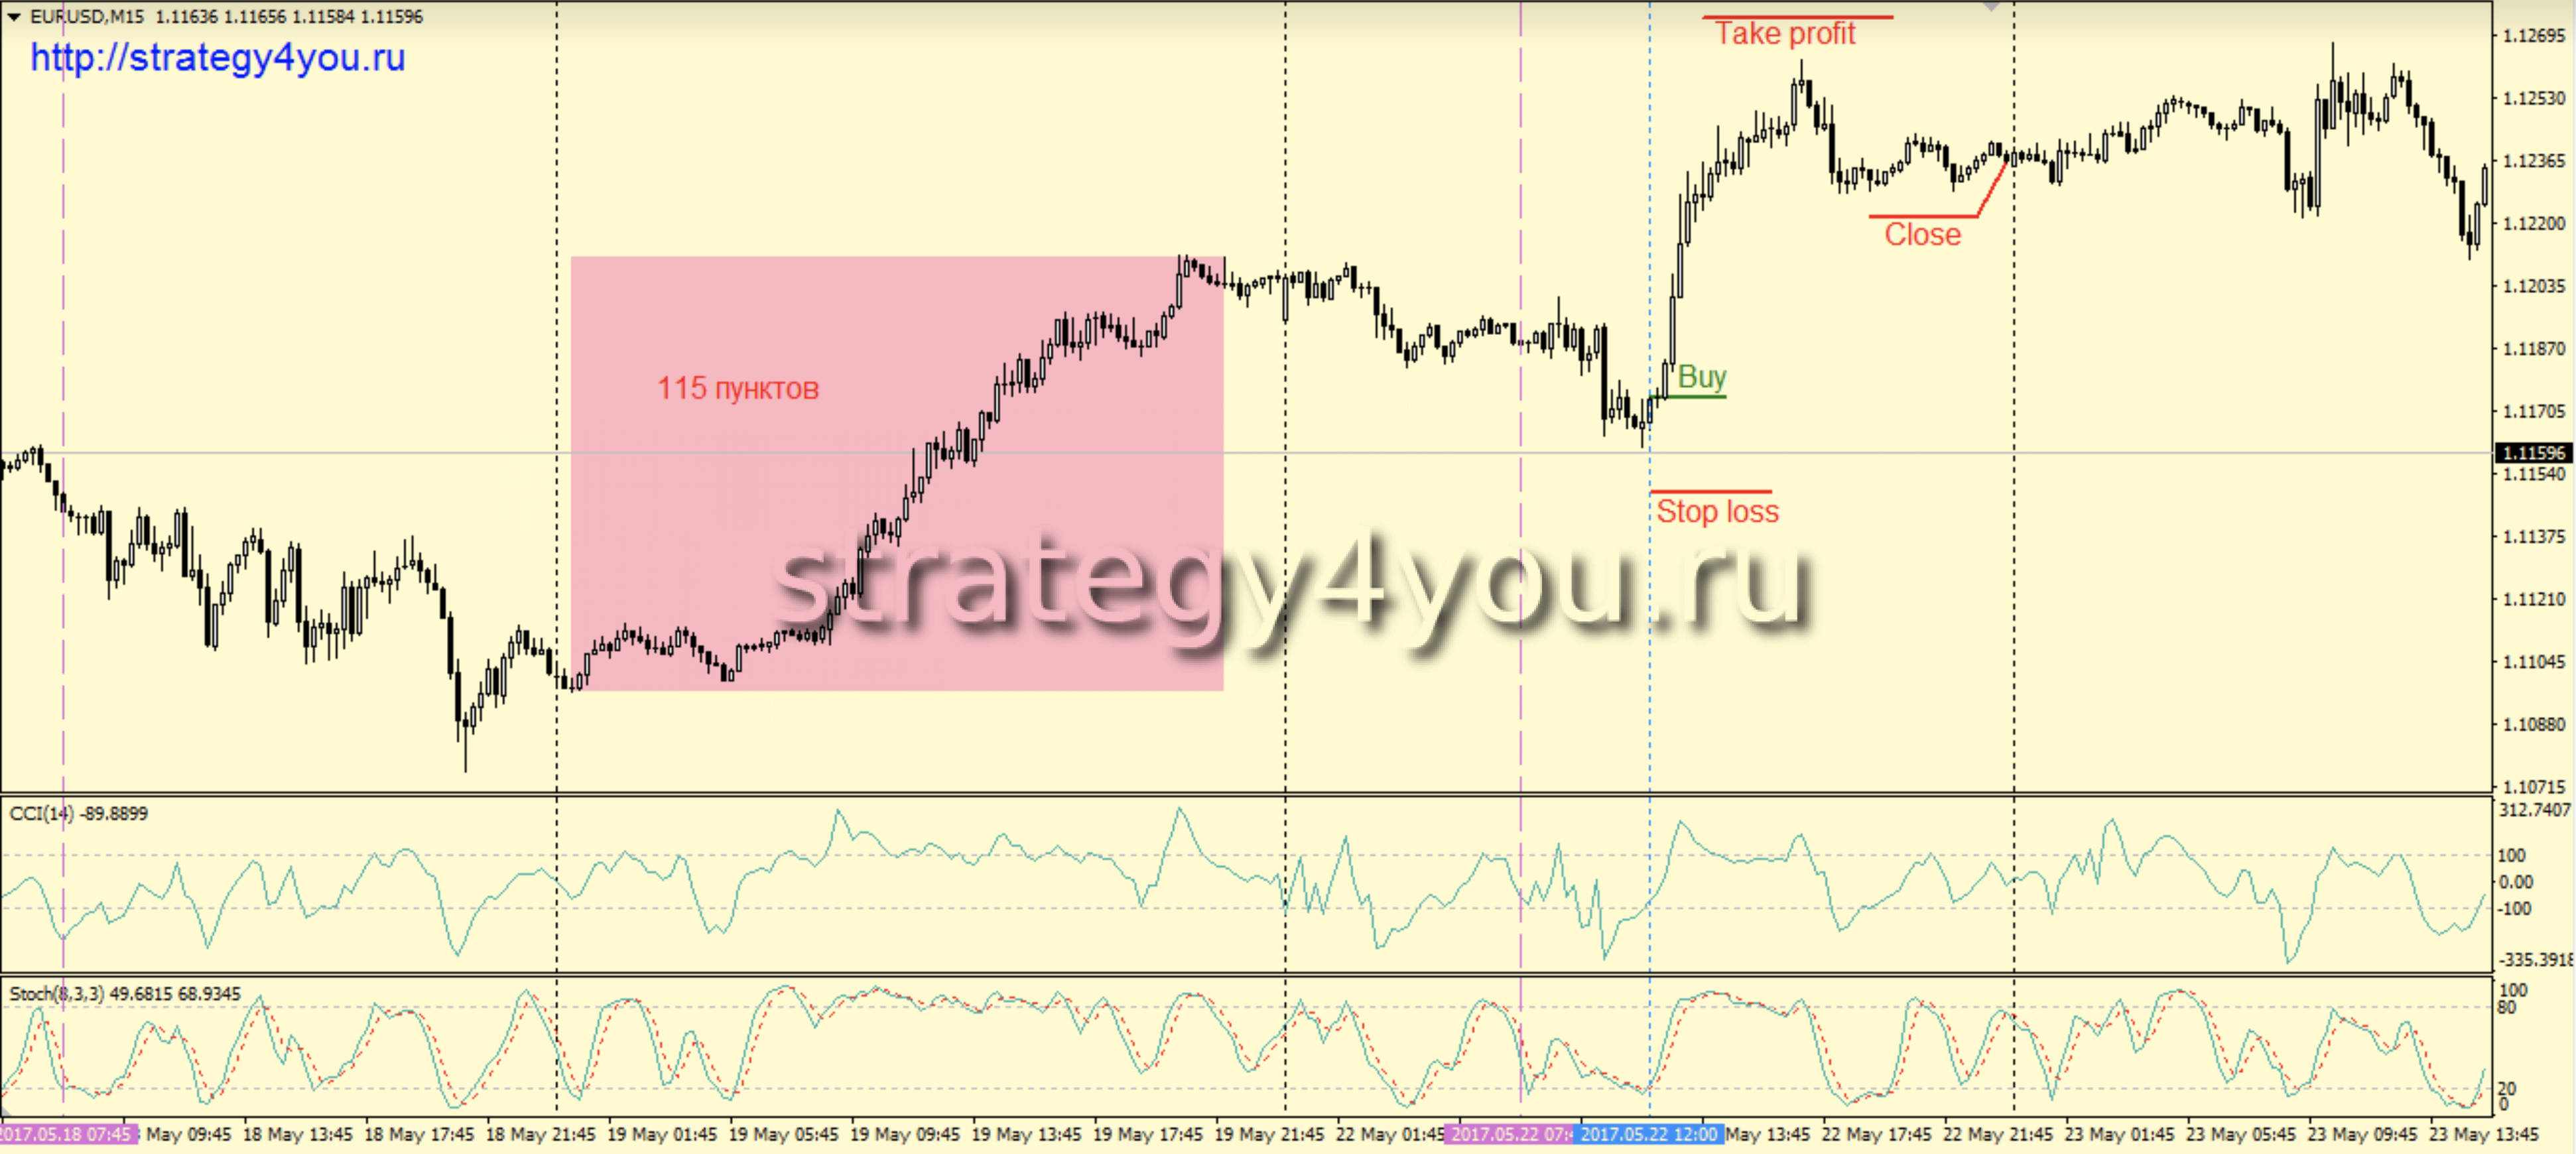 Сторожевых михаил форекс как определить направление цены форекс